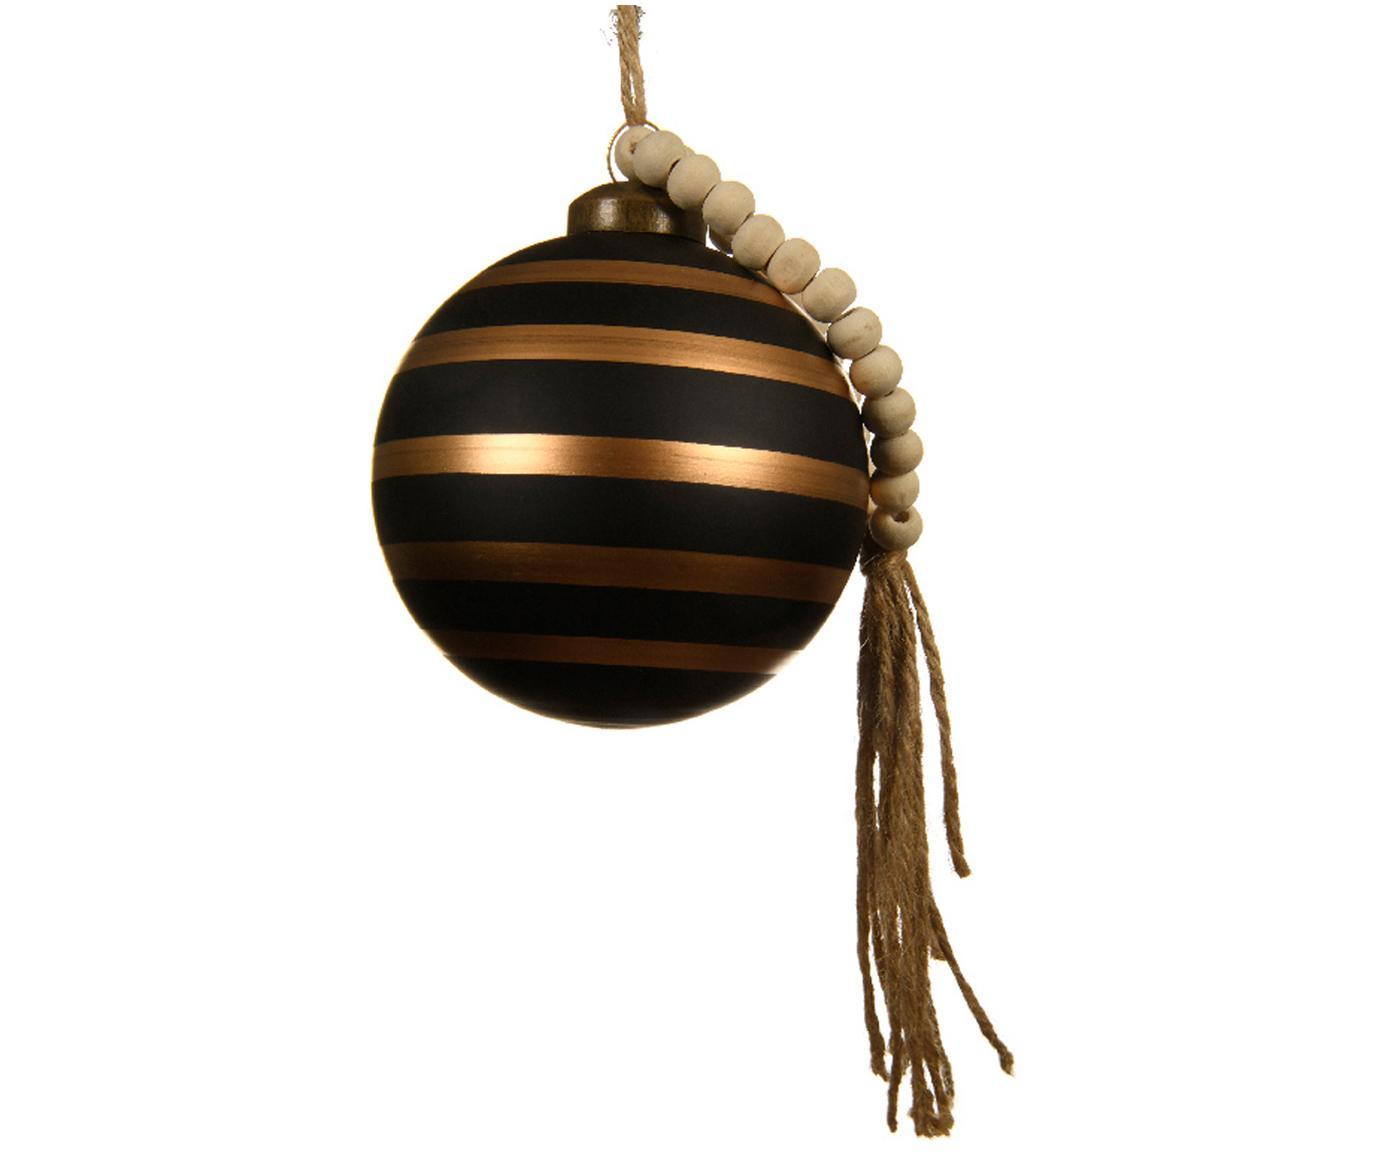 Weihnachtskugeln Gold Lines, 2 Stück, Schwarz, Braun, Ø 8 cm